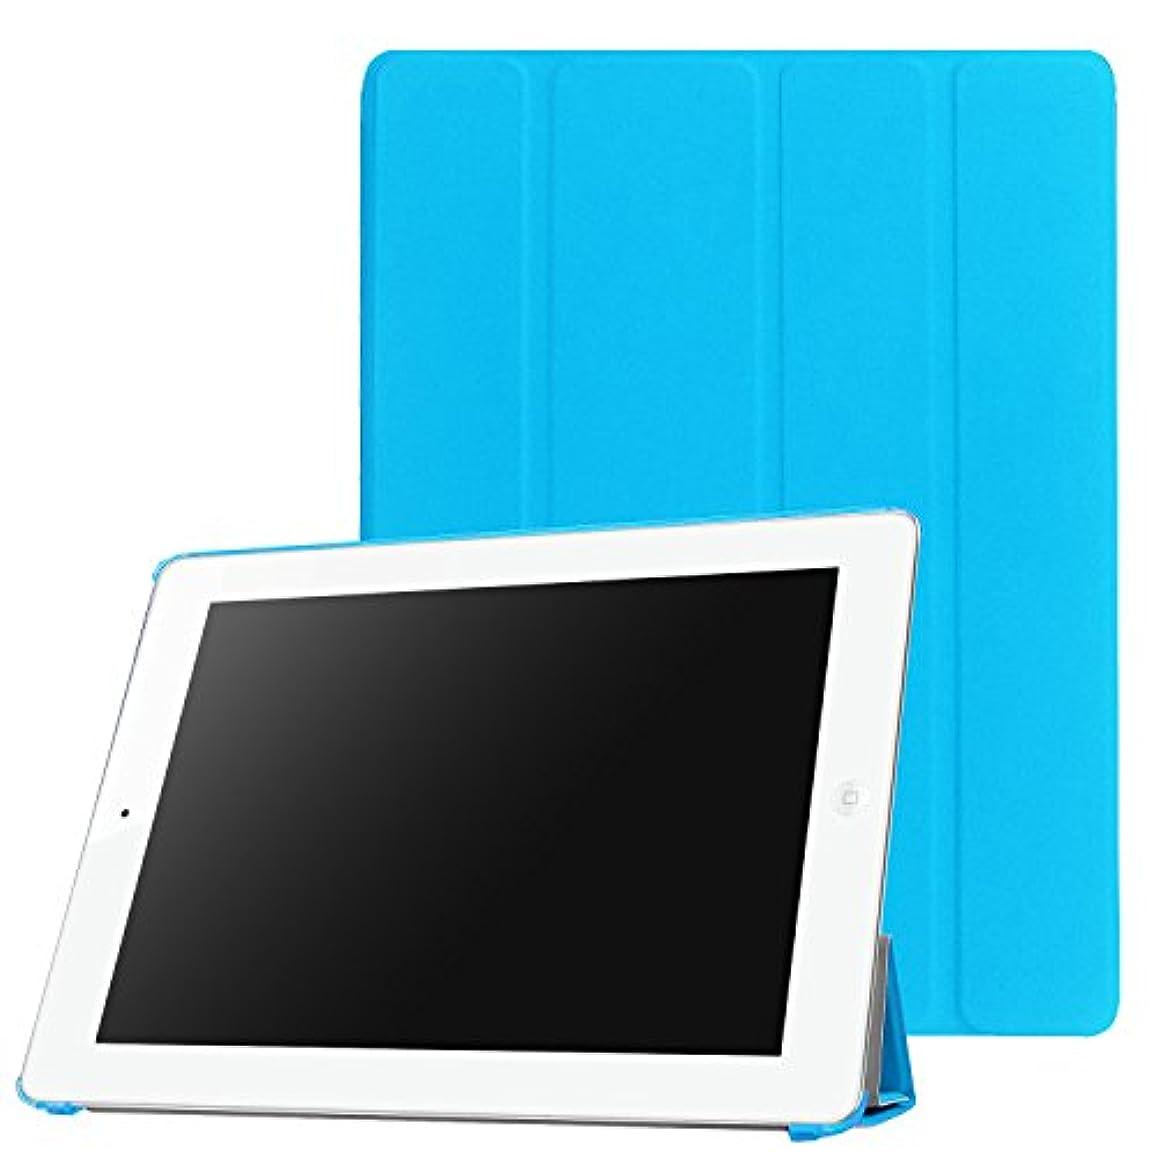 卒業冗談で作業【PCATEC】 iPad2/3/4 用 PUレザーケース スマートカバー☆超薄 軽量型 スタンド機能 PUレザーケース (シーブルー)